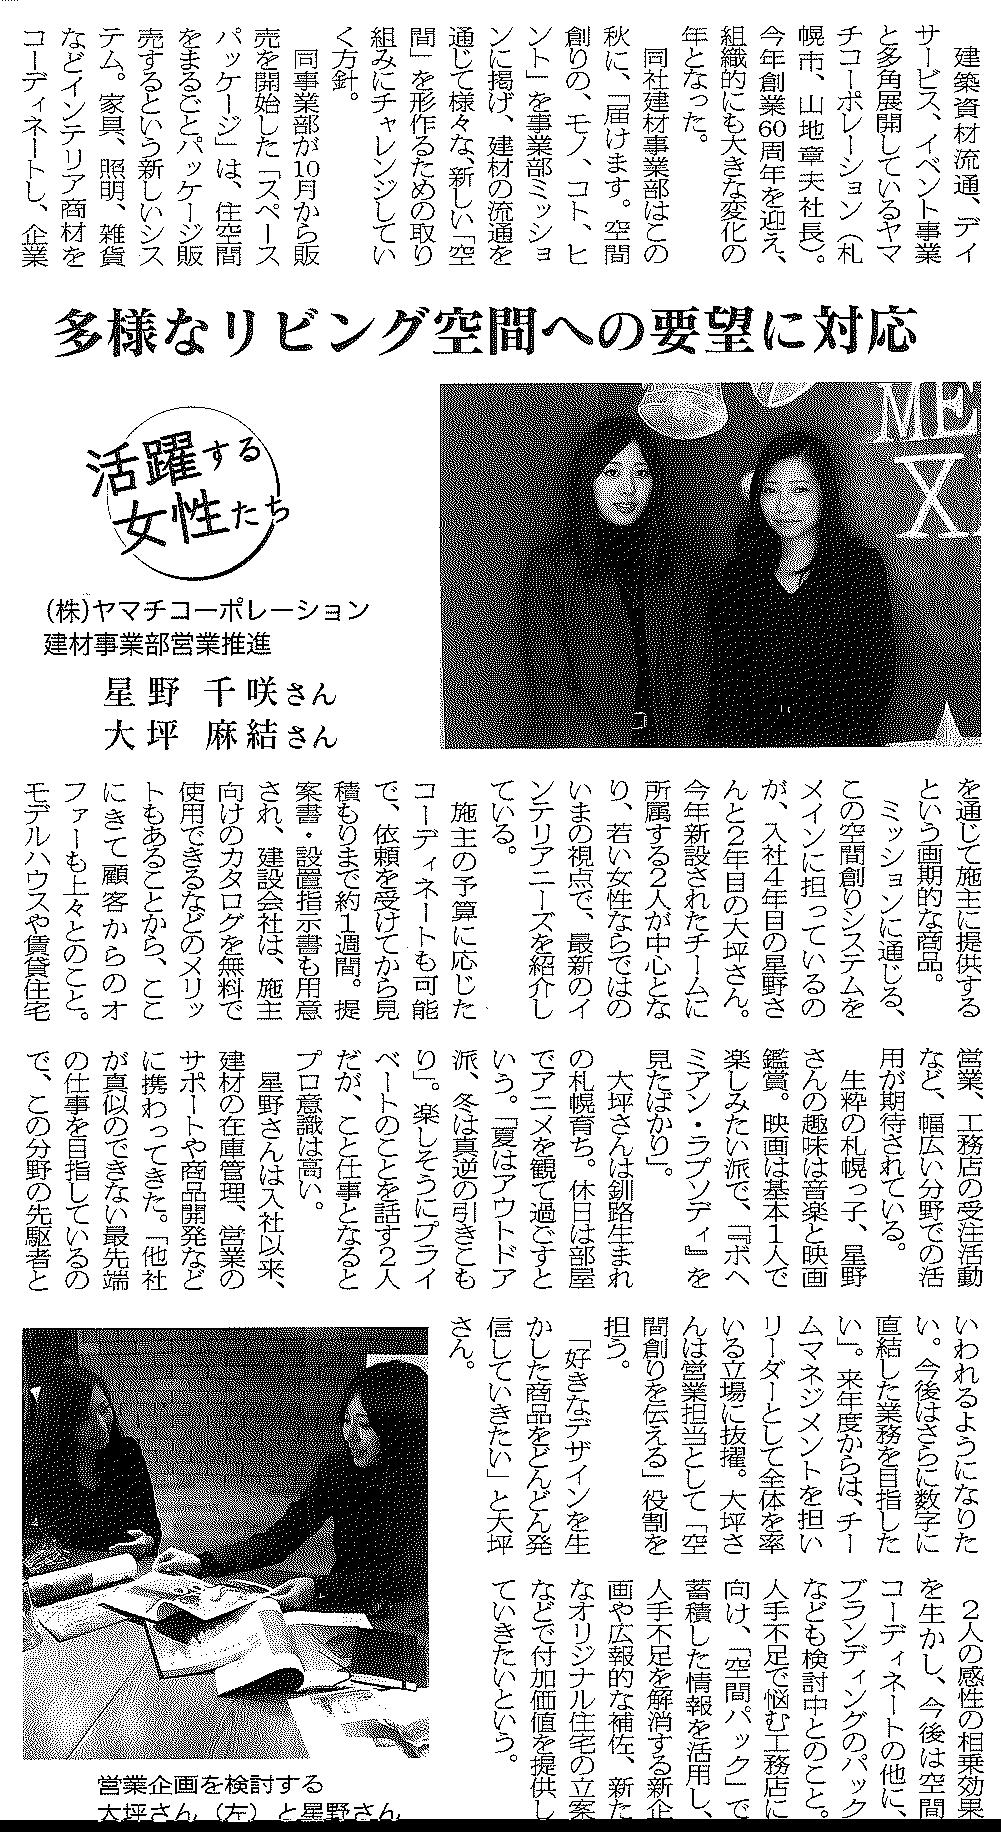 hokkaido_jutakutushinsya181225_magajin.png